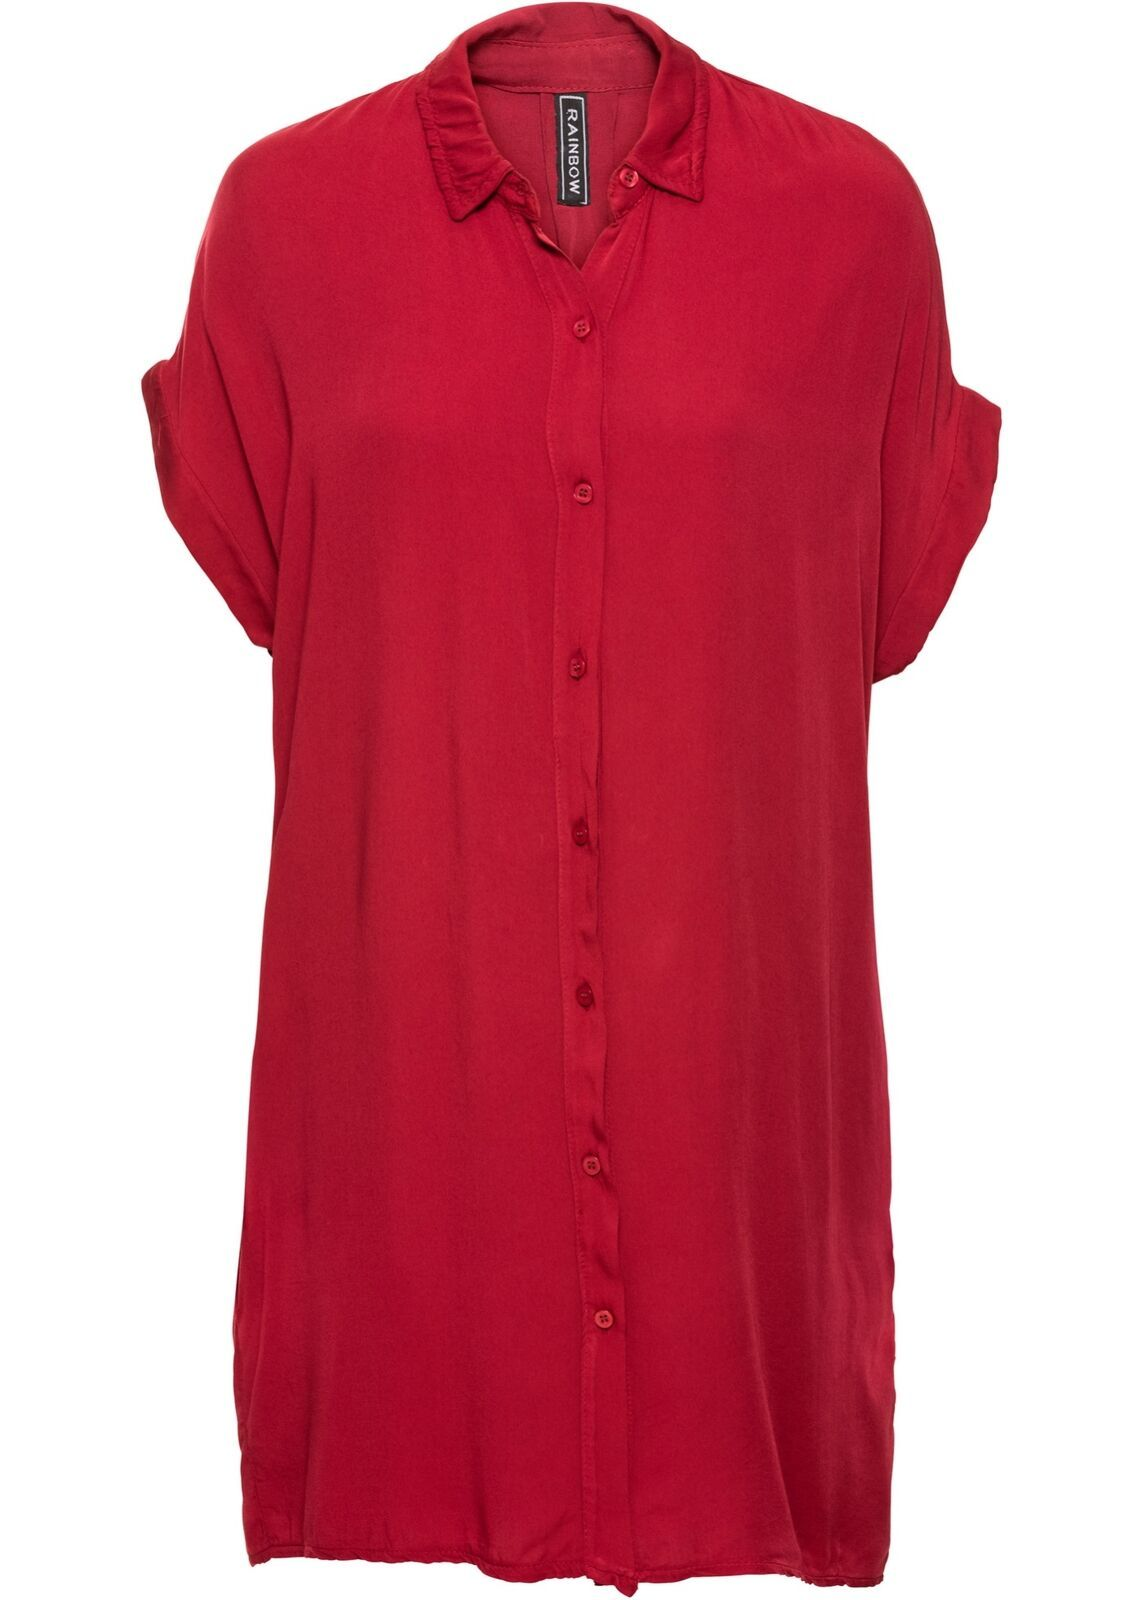 Blusenkleid Gr. 46 Rot Damen-Kleid Sommerkleid Mini ...